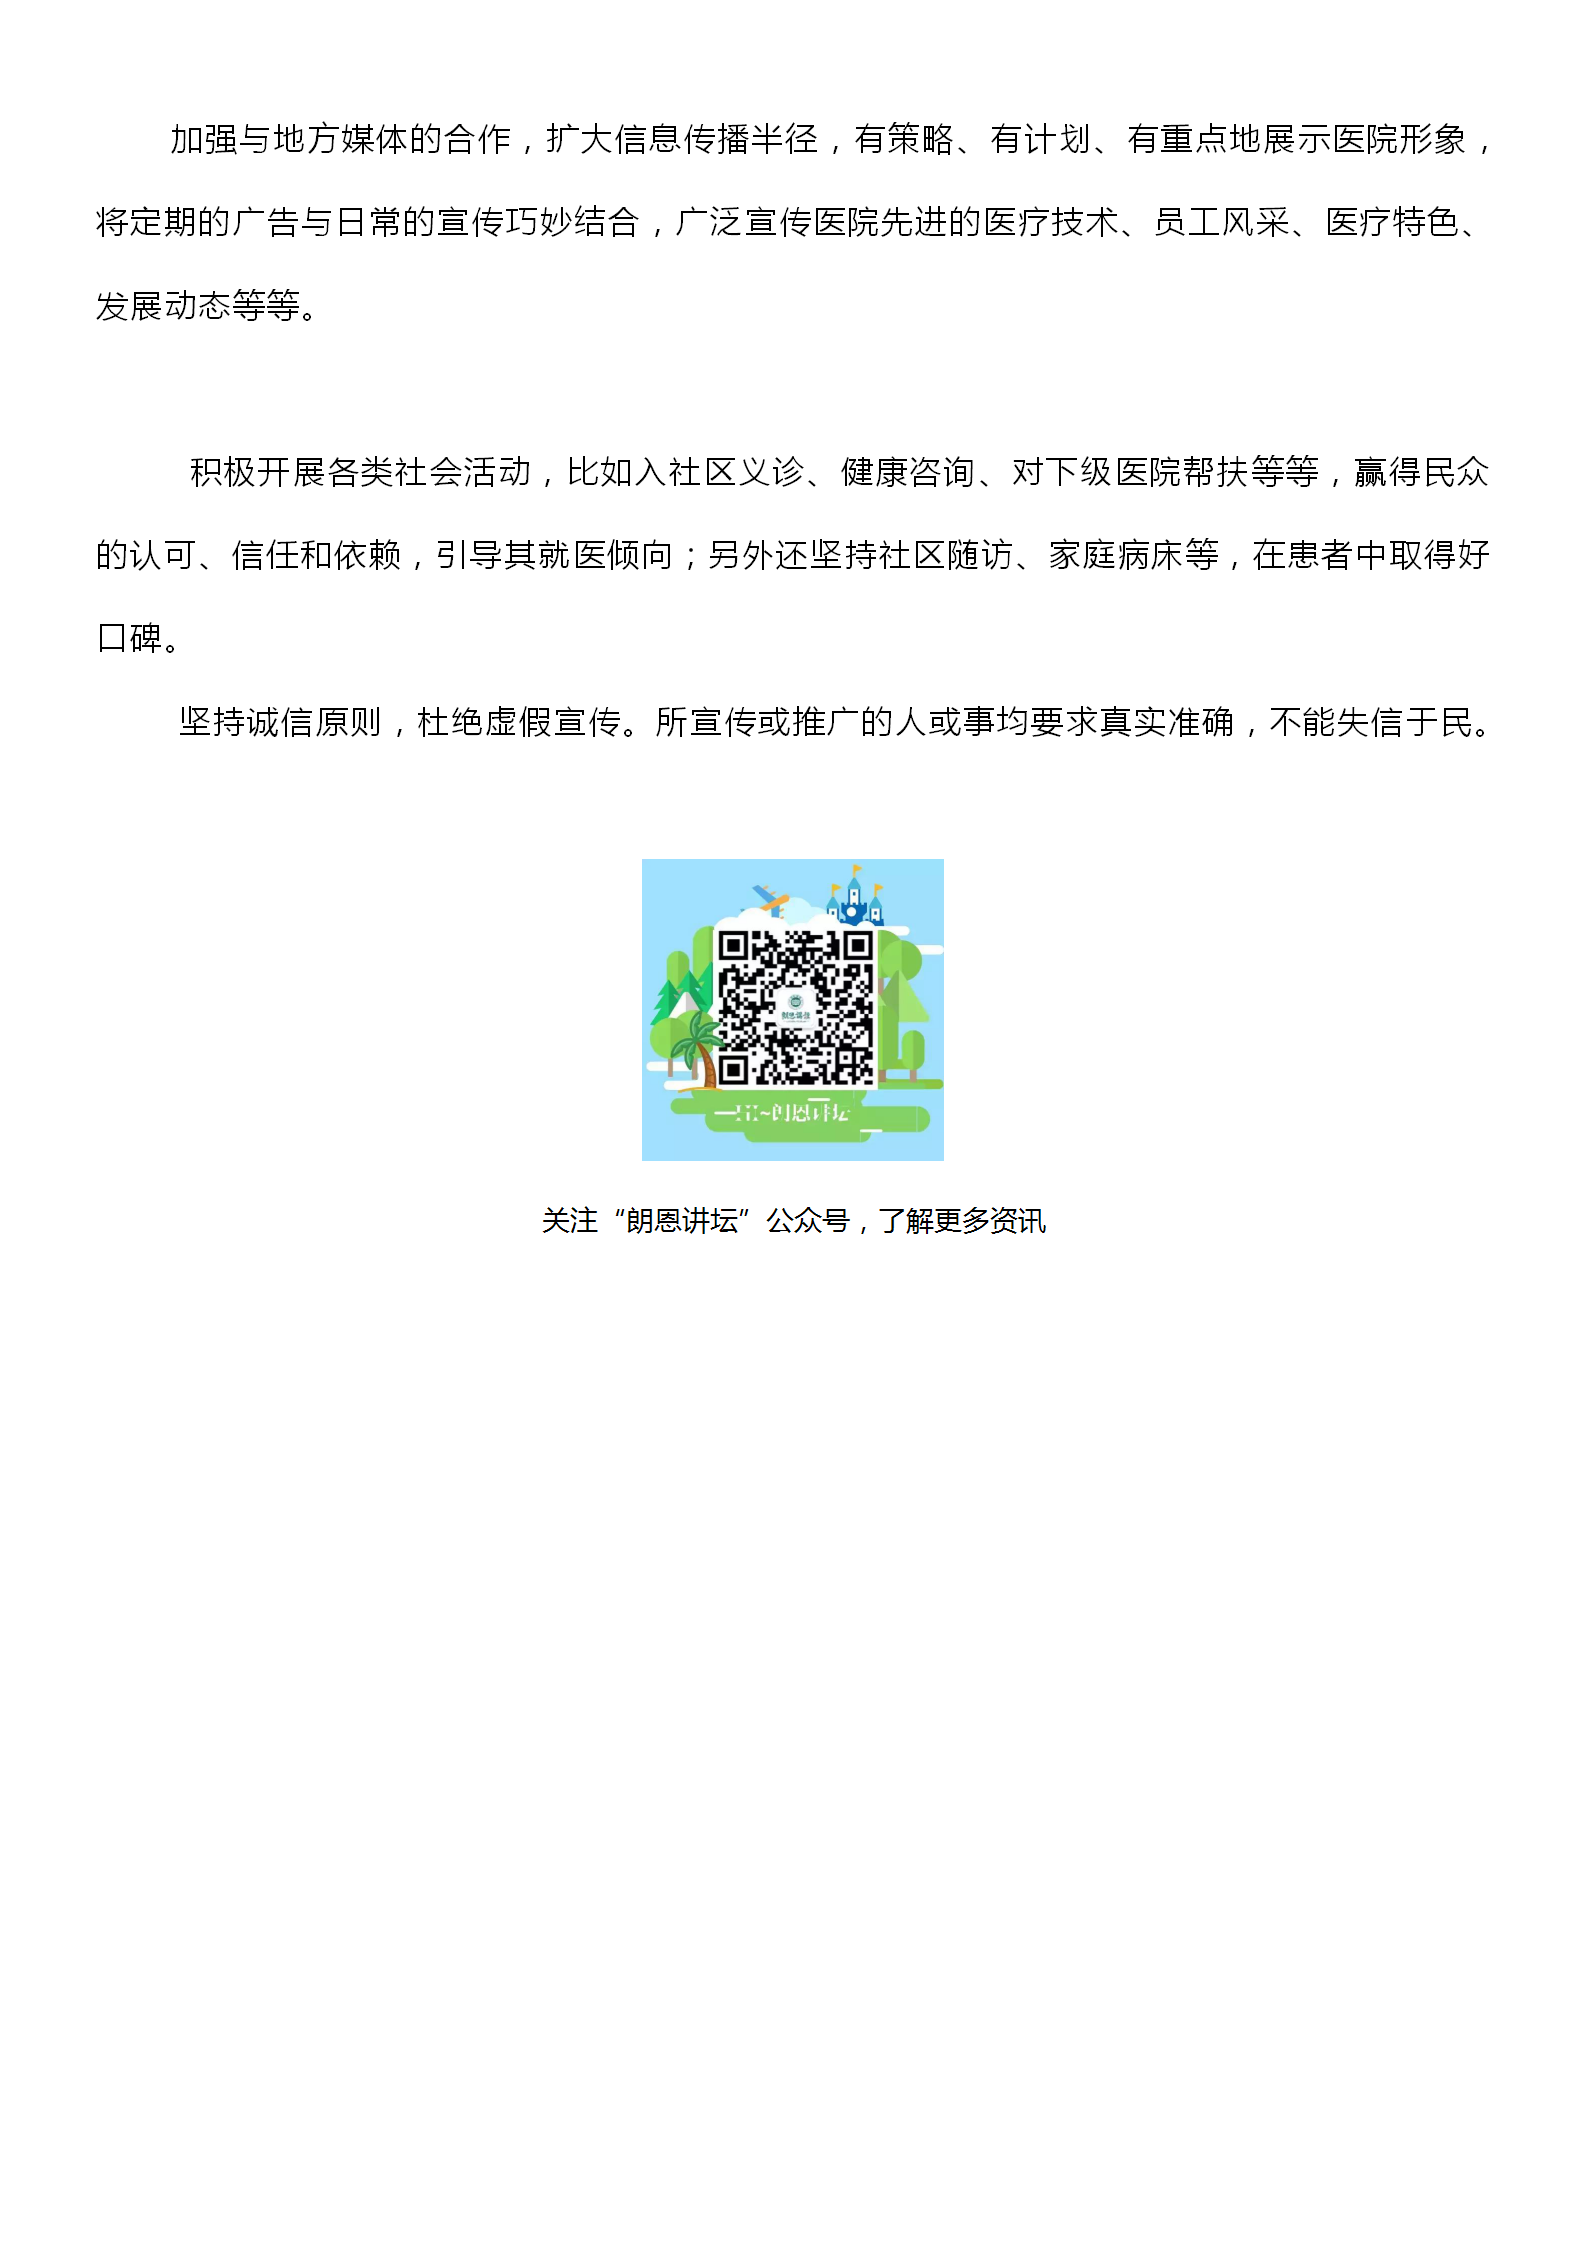 文档3_04.png